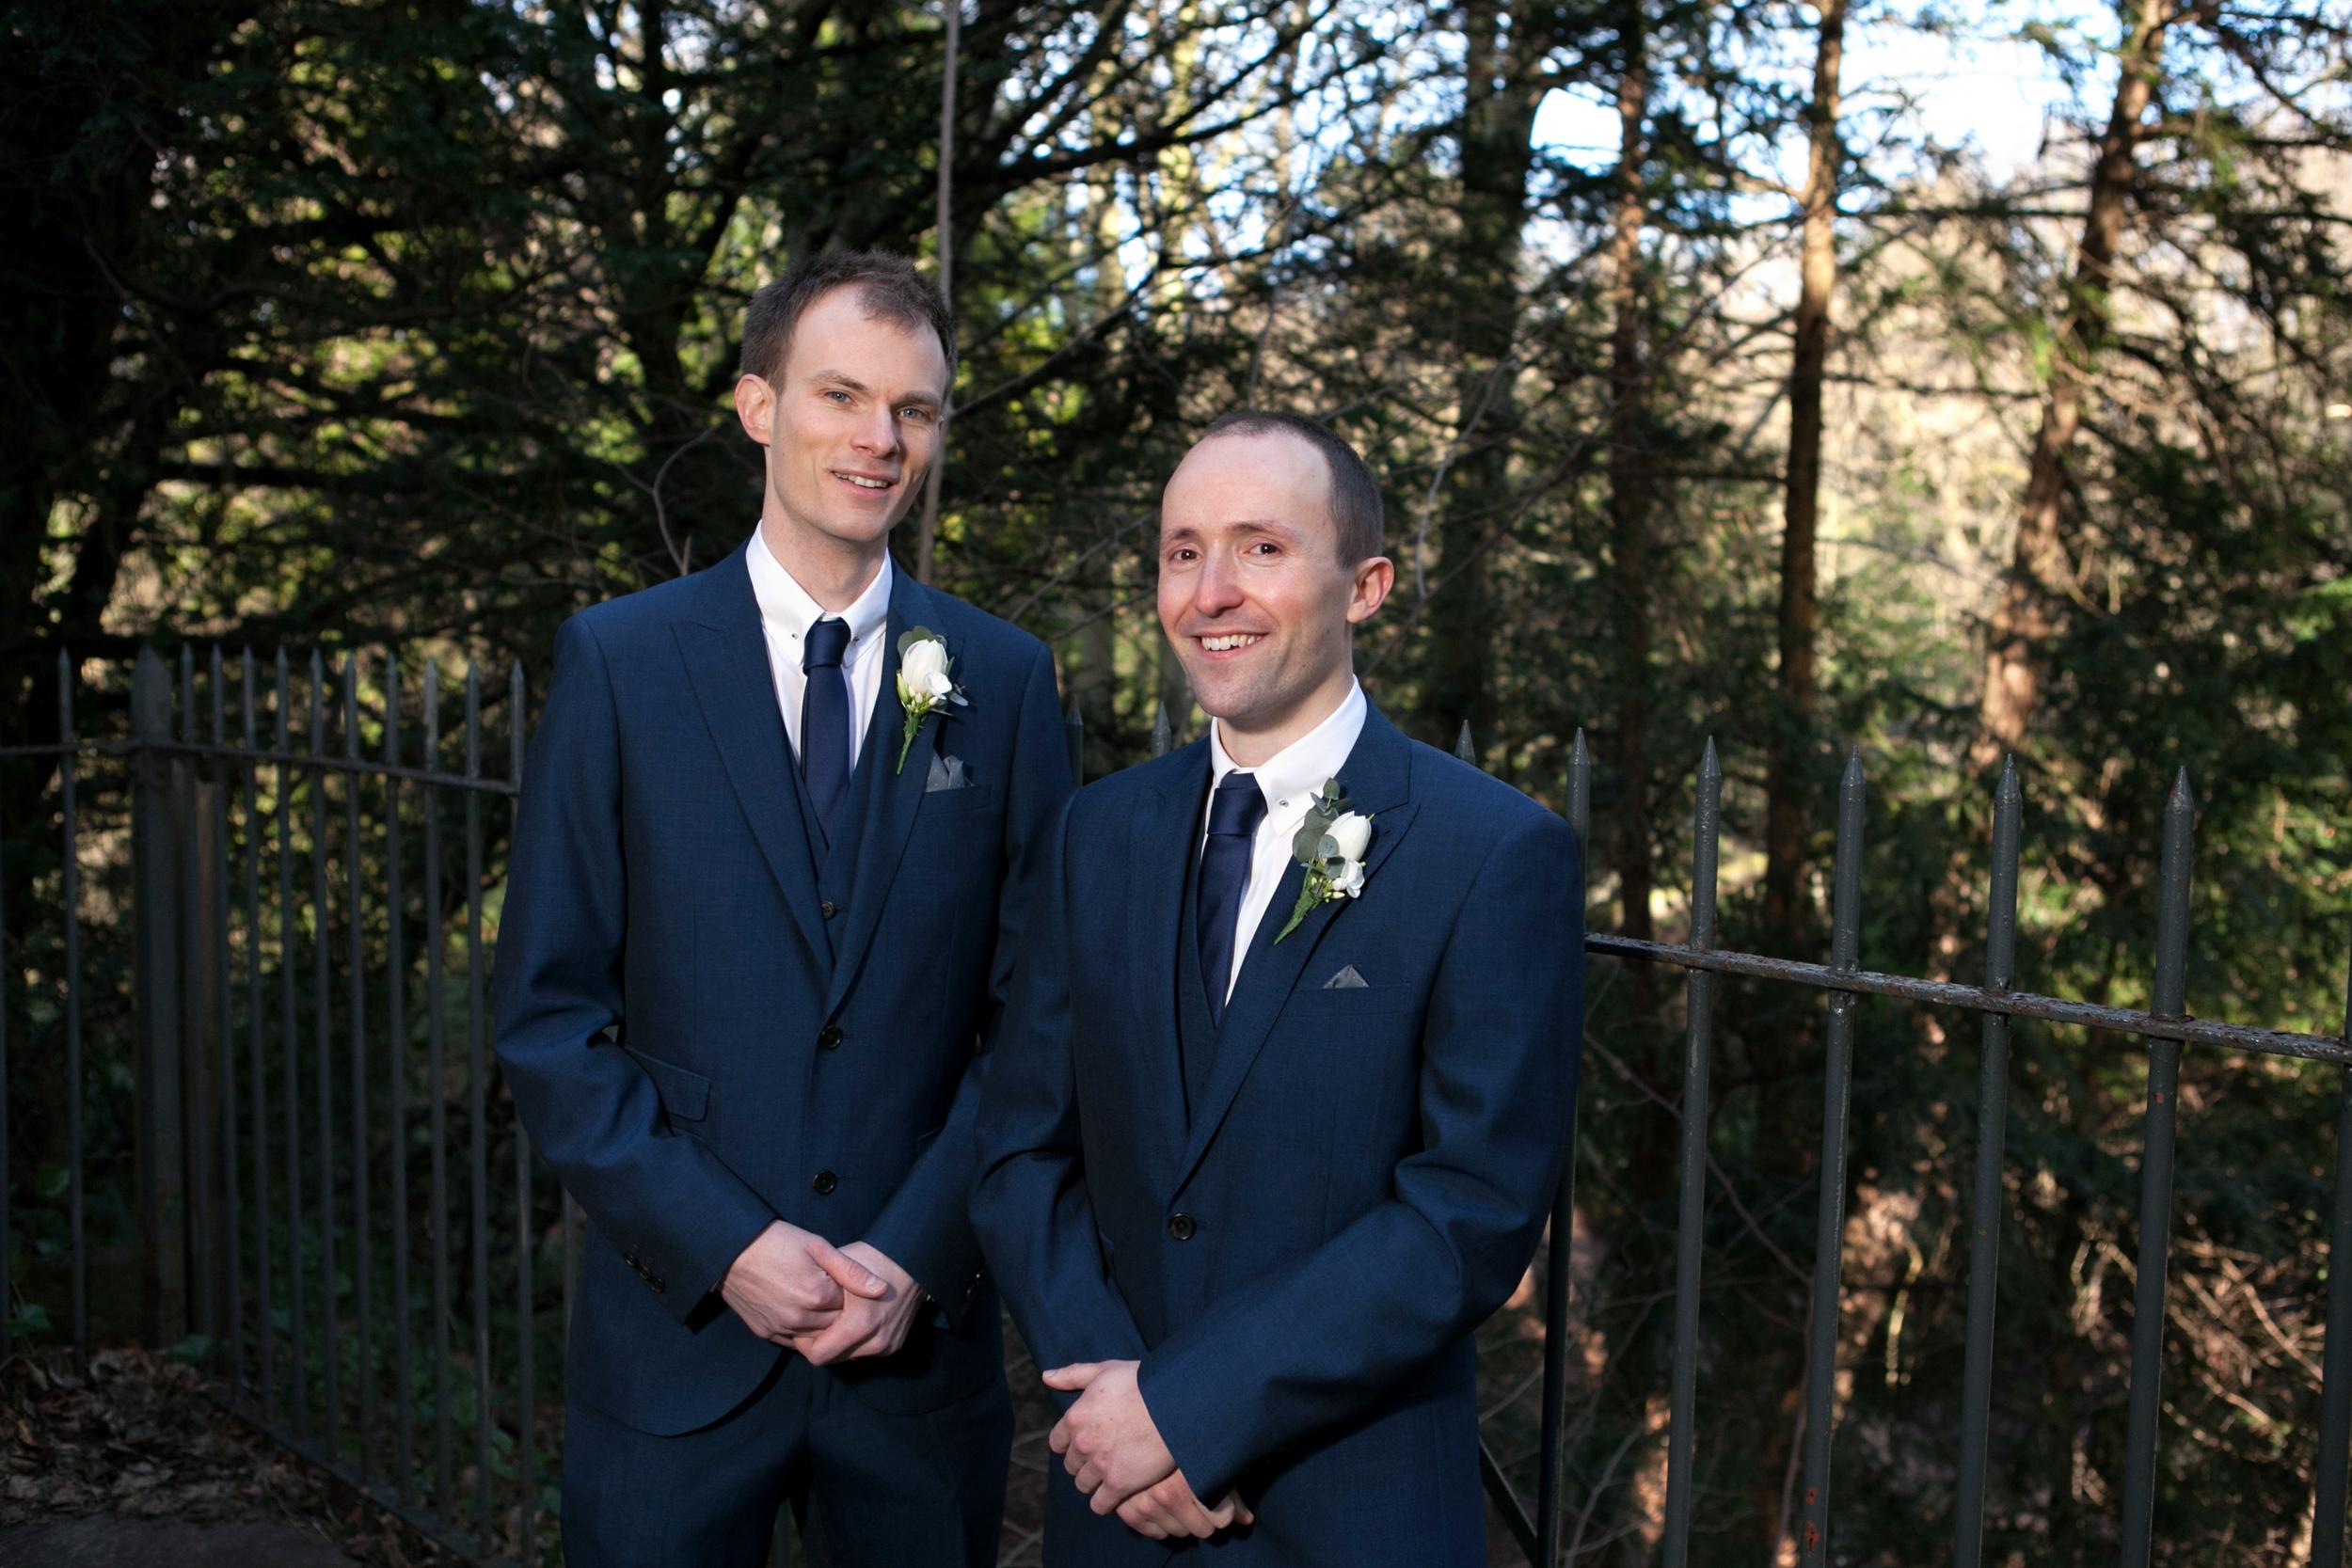 jesmond dene house wedding photos.jpg